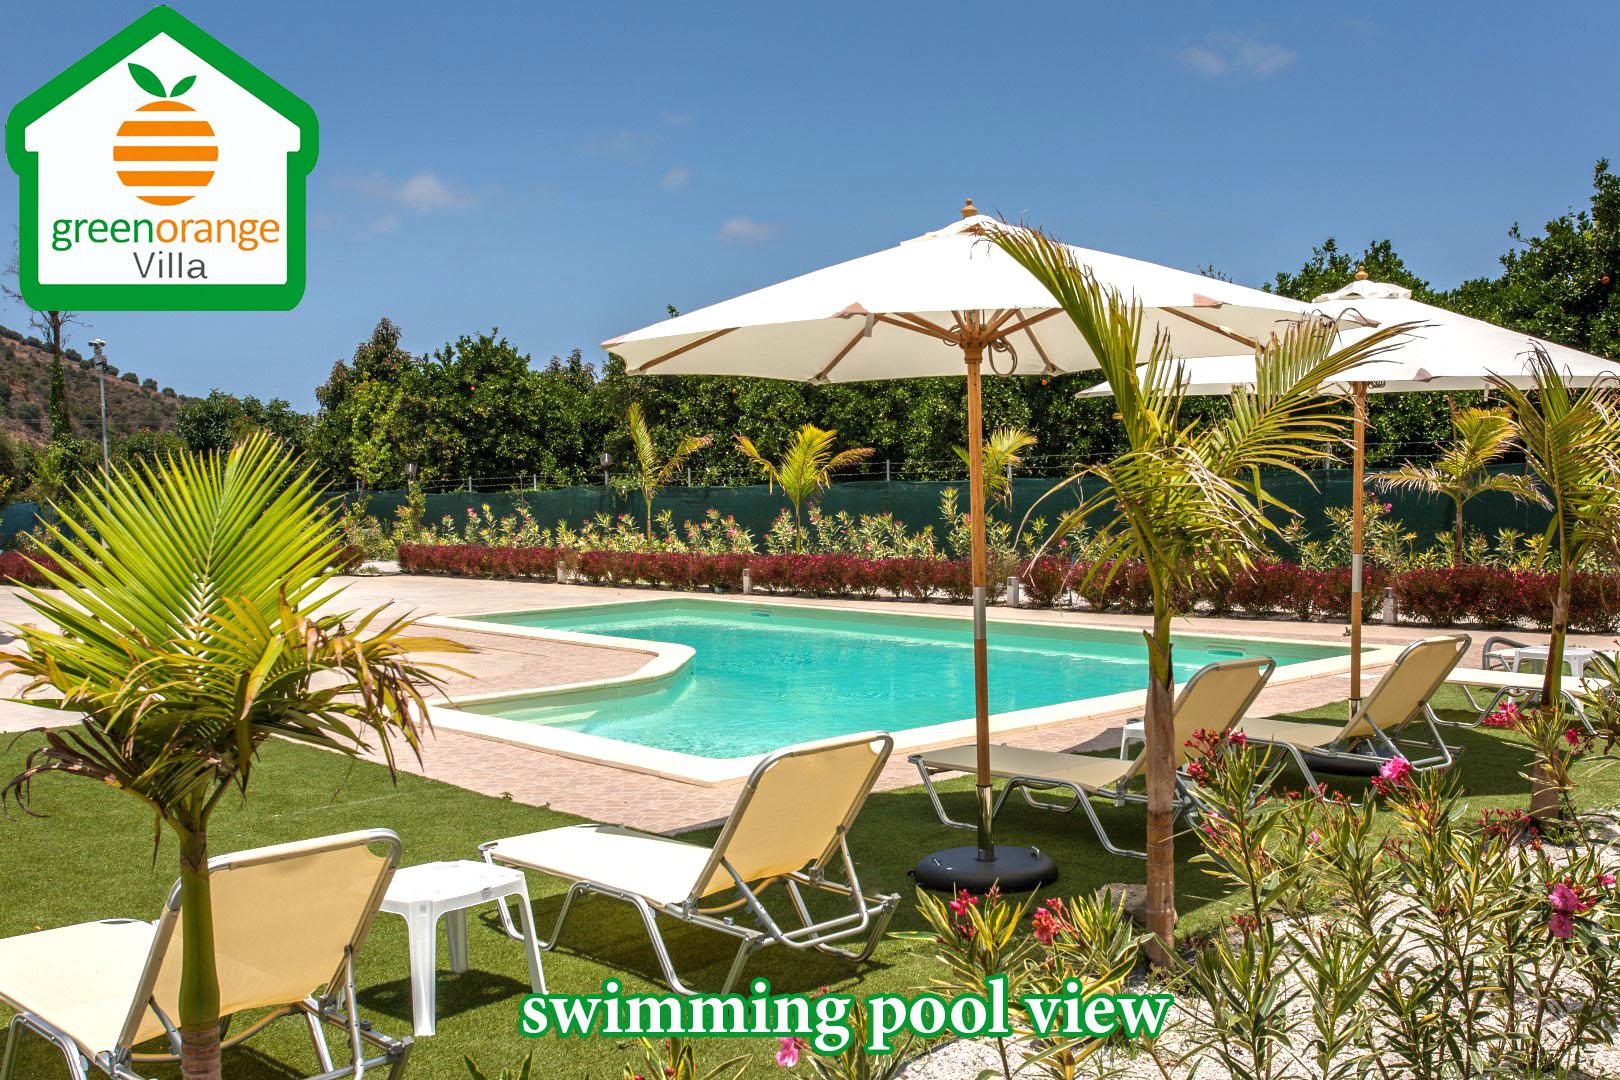 swimming-pool-view-green-orange-villa-Greece-Crete-Chania